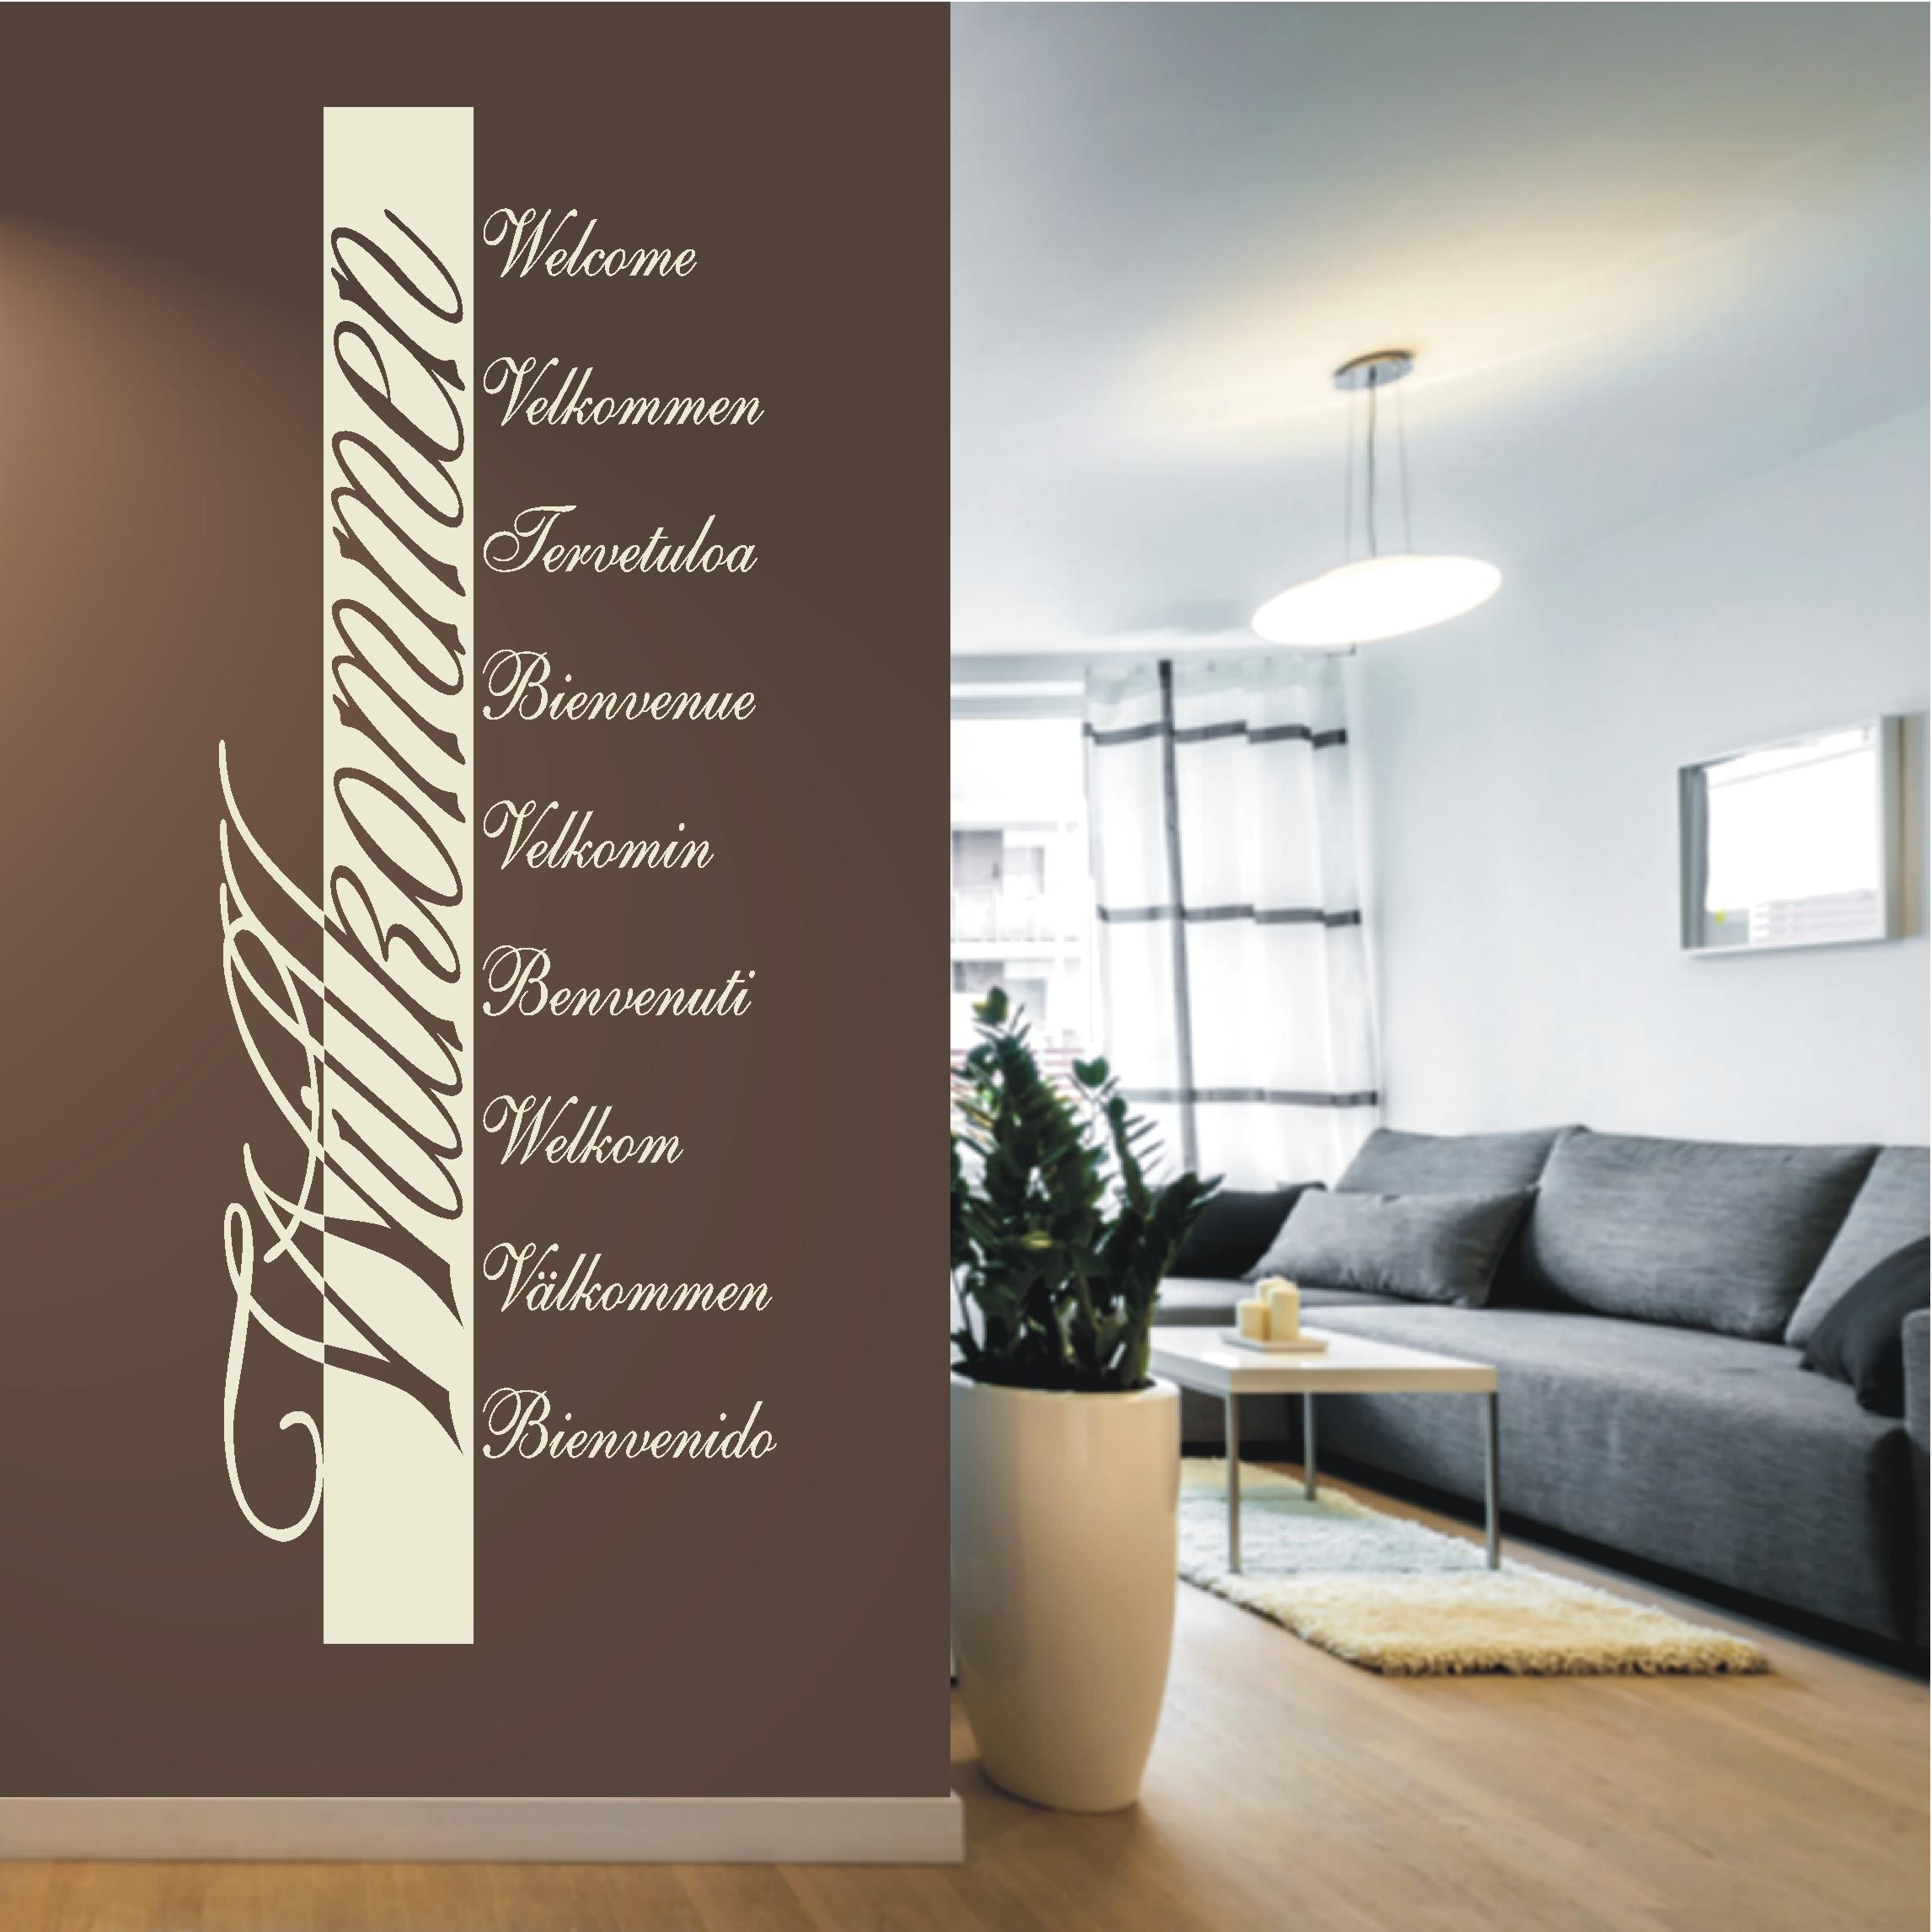 Wandtattoo Wortwolke Welcome SprachenWillkommen Welkom Velkommen KLEBEHELD®